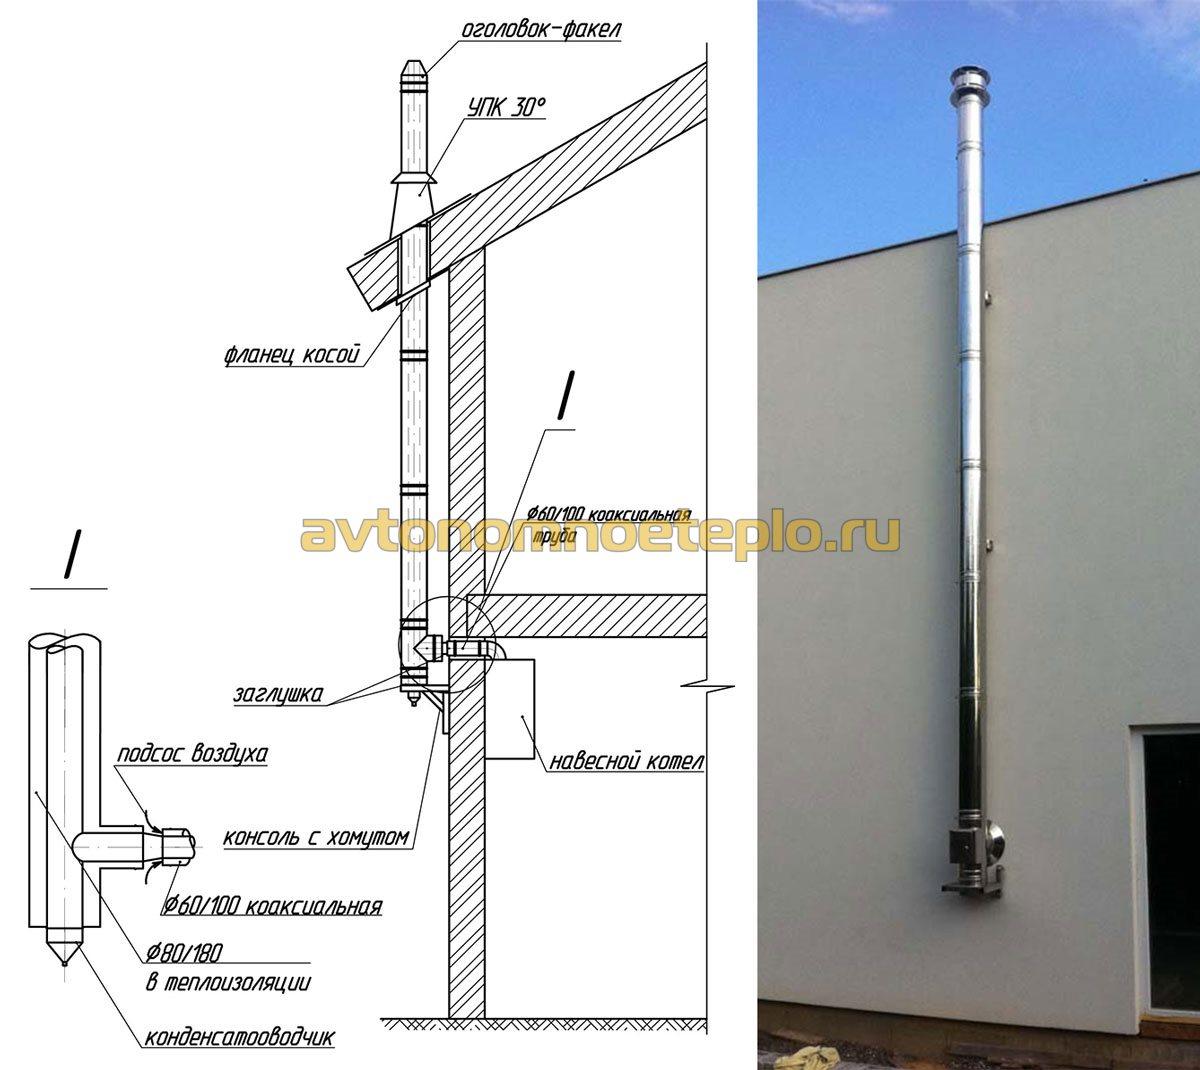 Коаксиальная система дымоходов сметы на ремонт дымоходов